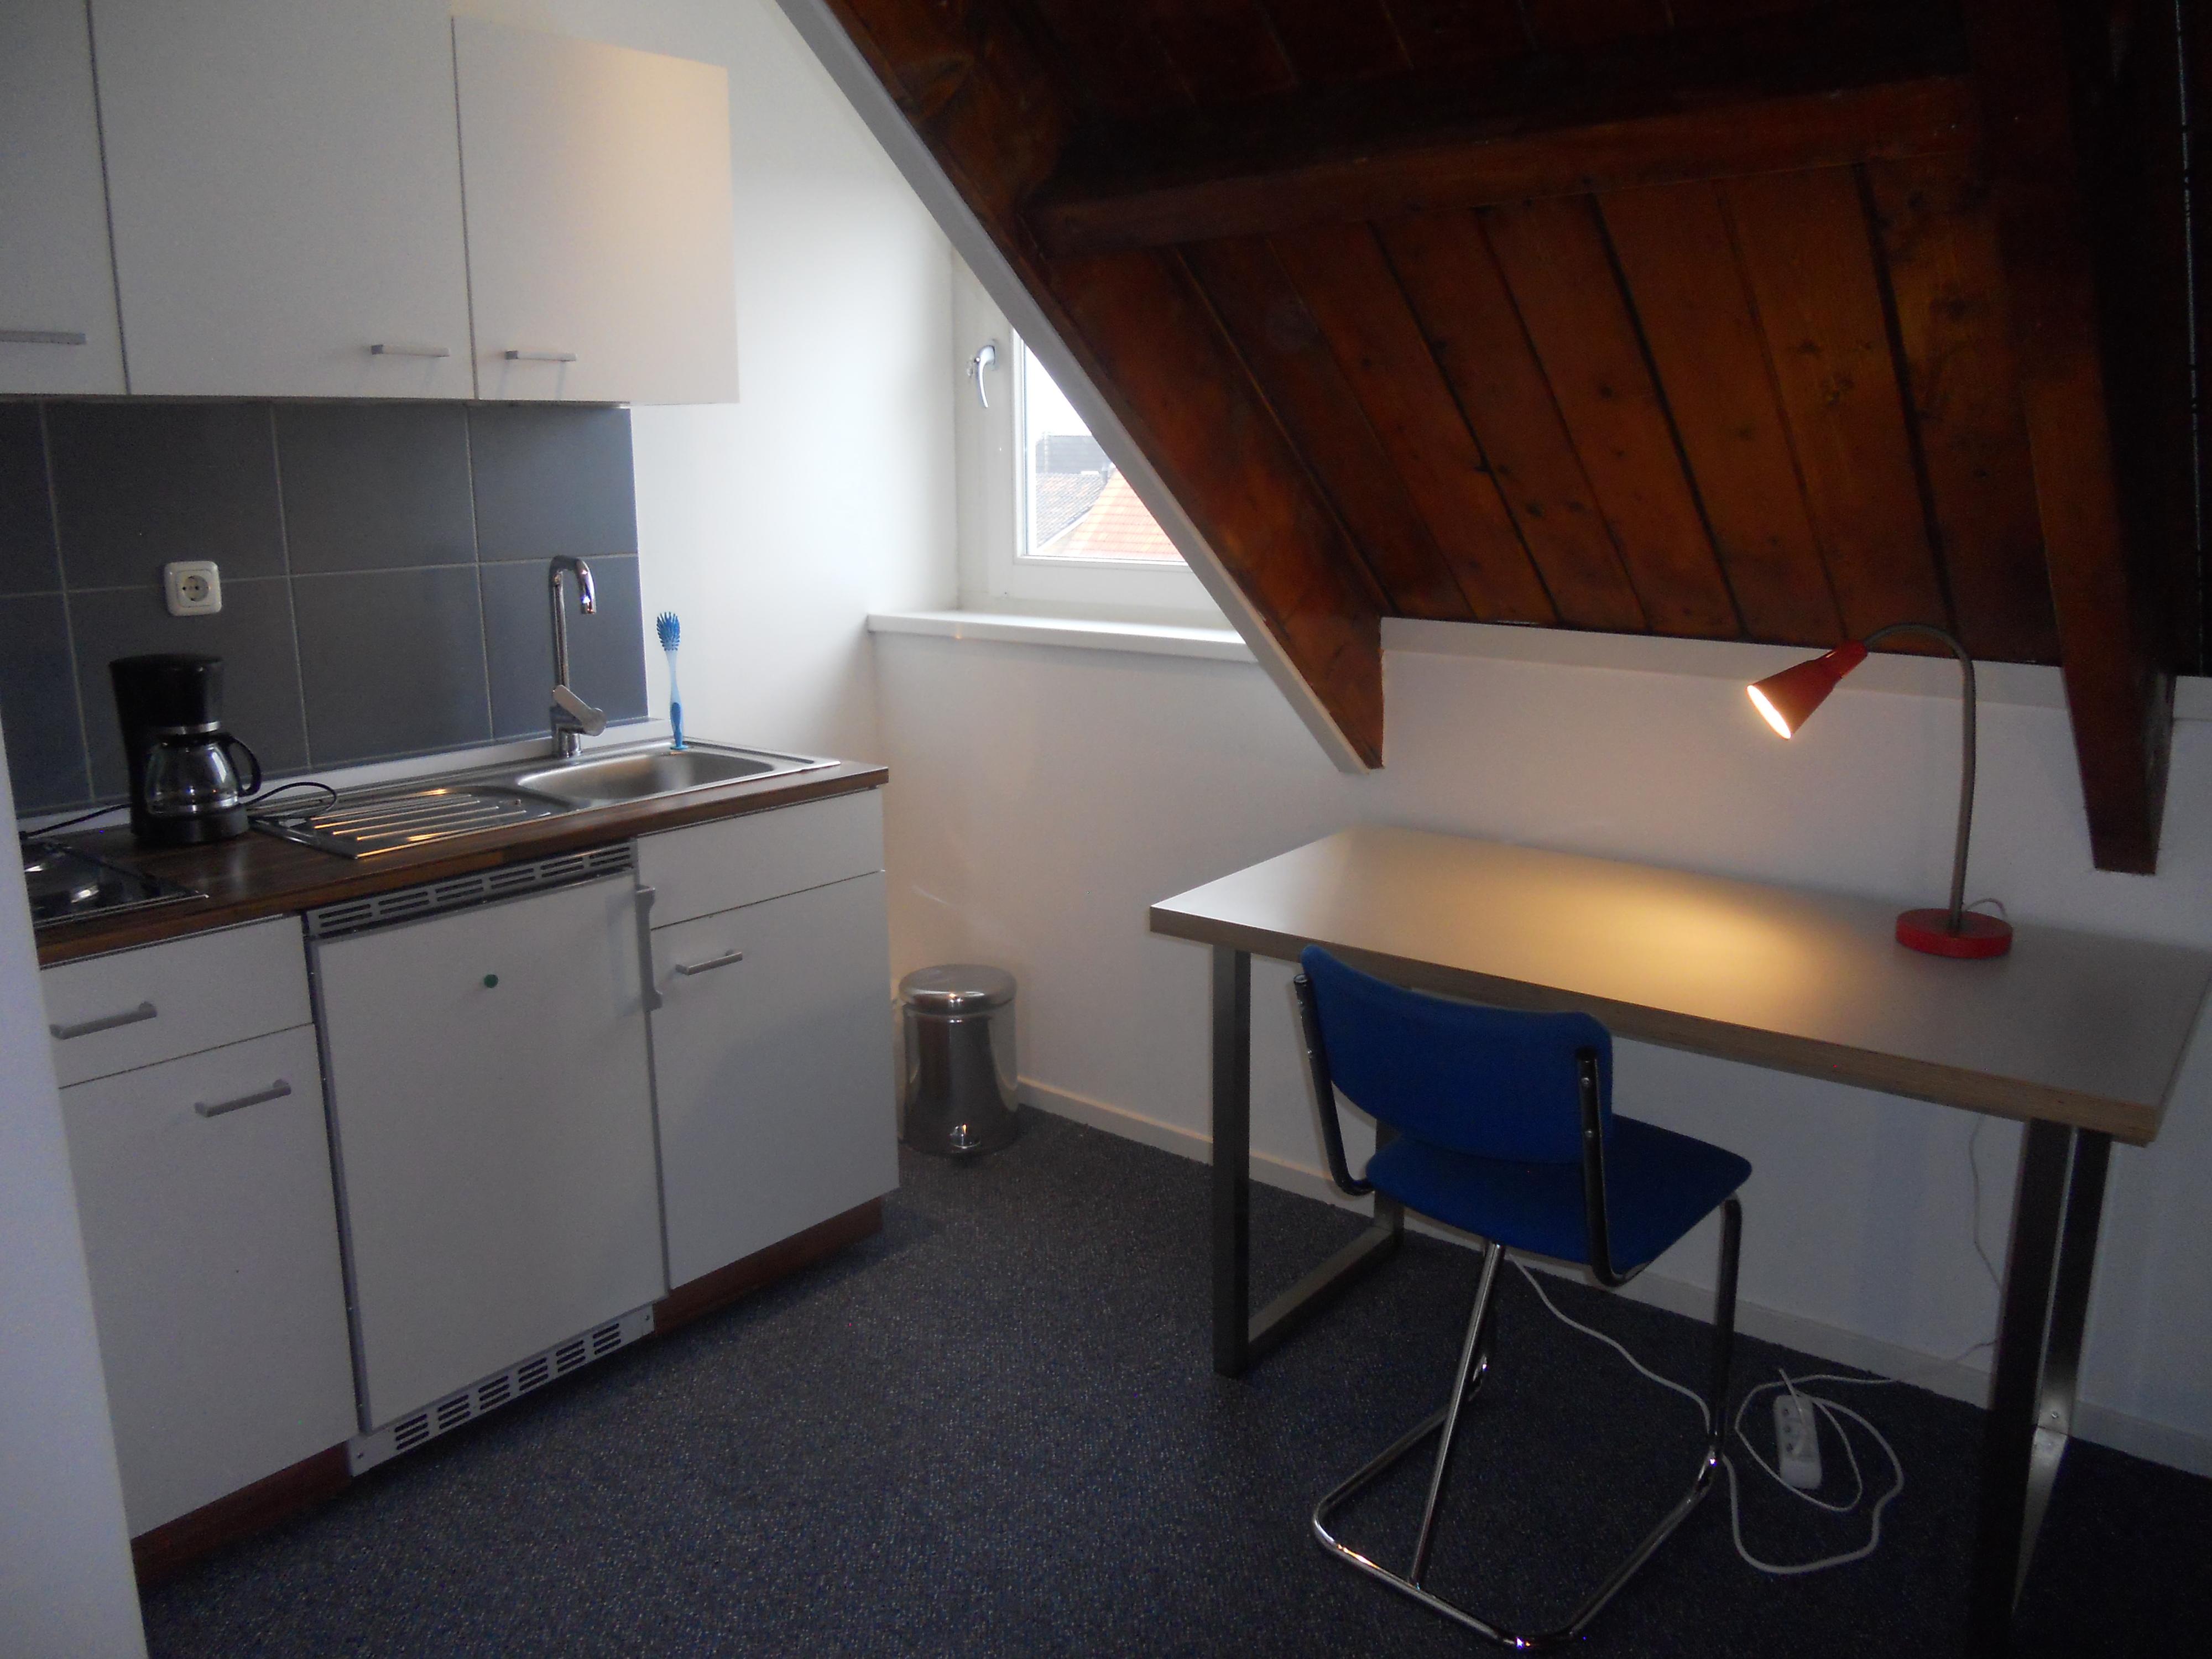 Te huur 3001 3 gemeubileerde studio in het centrumgebied van enschede twents vast enschede - Gemeubileerde studio ...